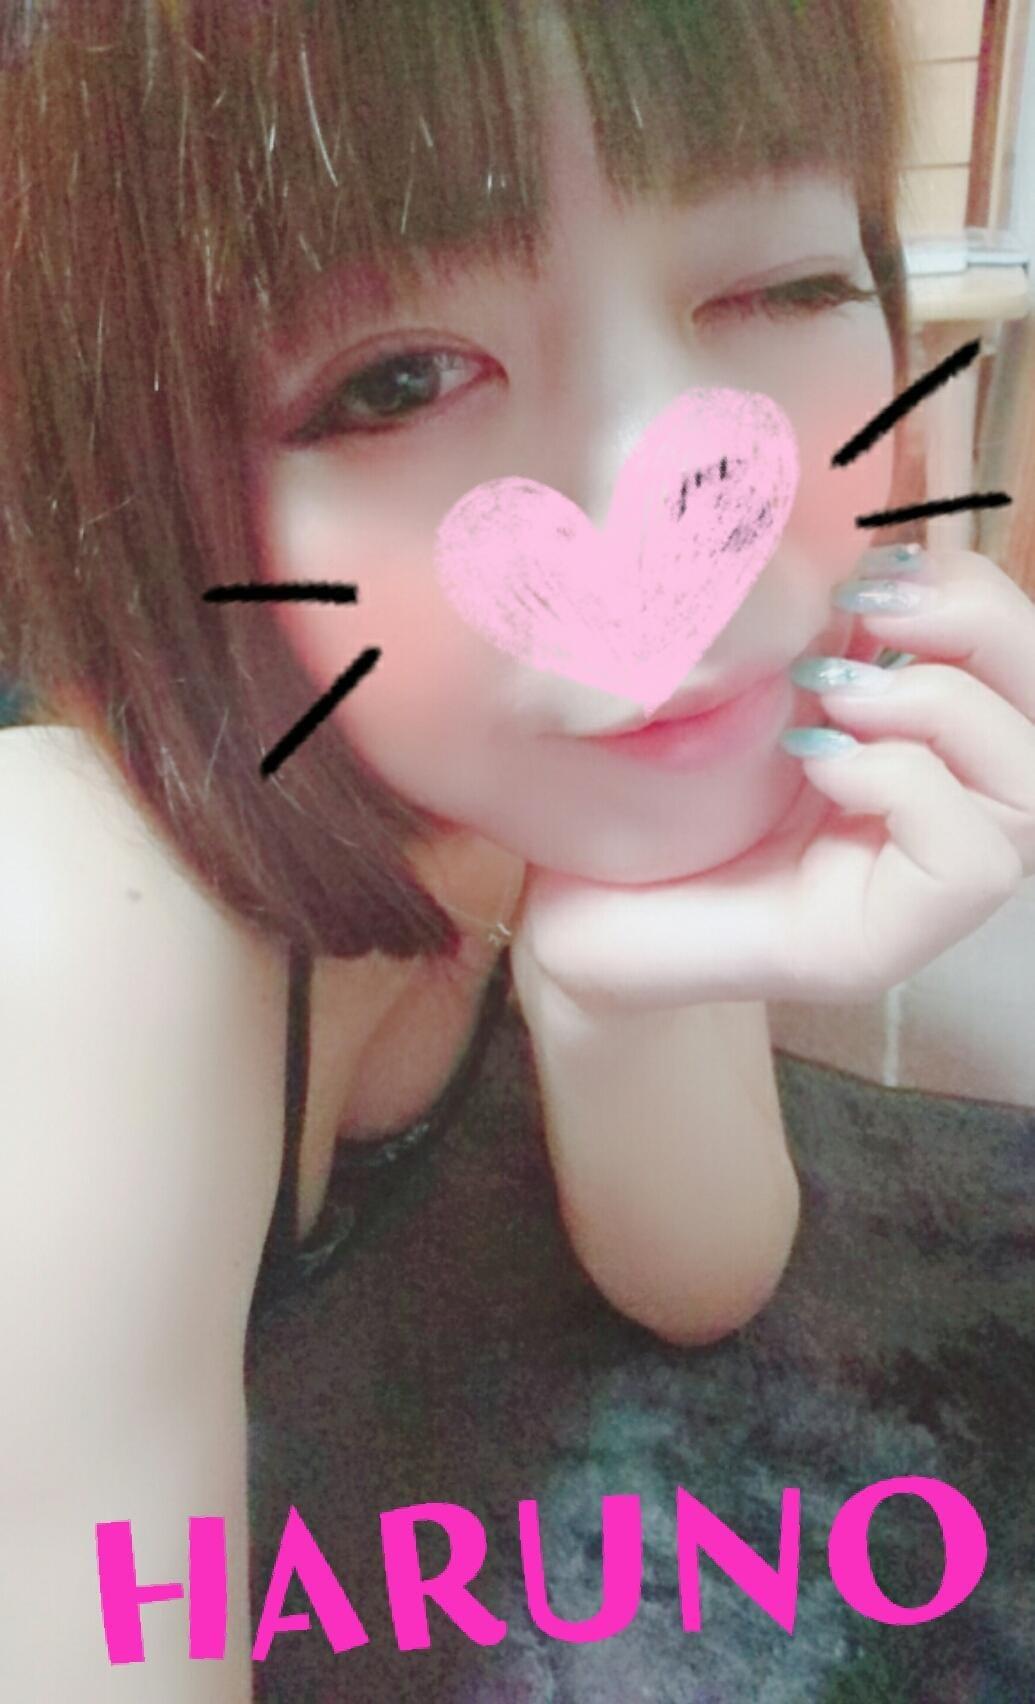 「ありがとう♥♥♥」06/20(水) 04:52 | ハルノの写メ・風俗動画